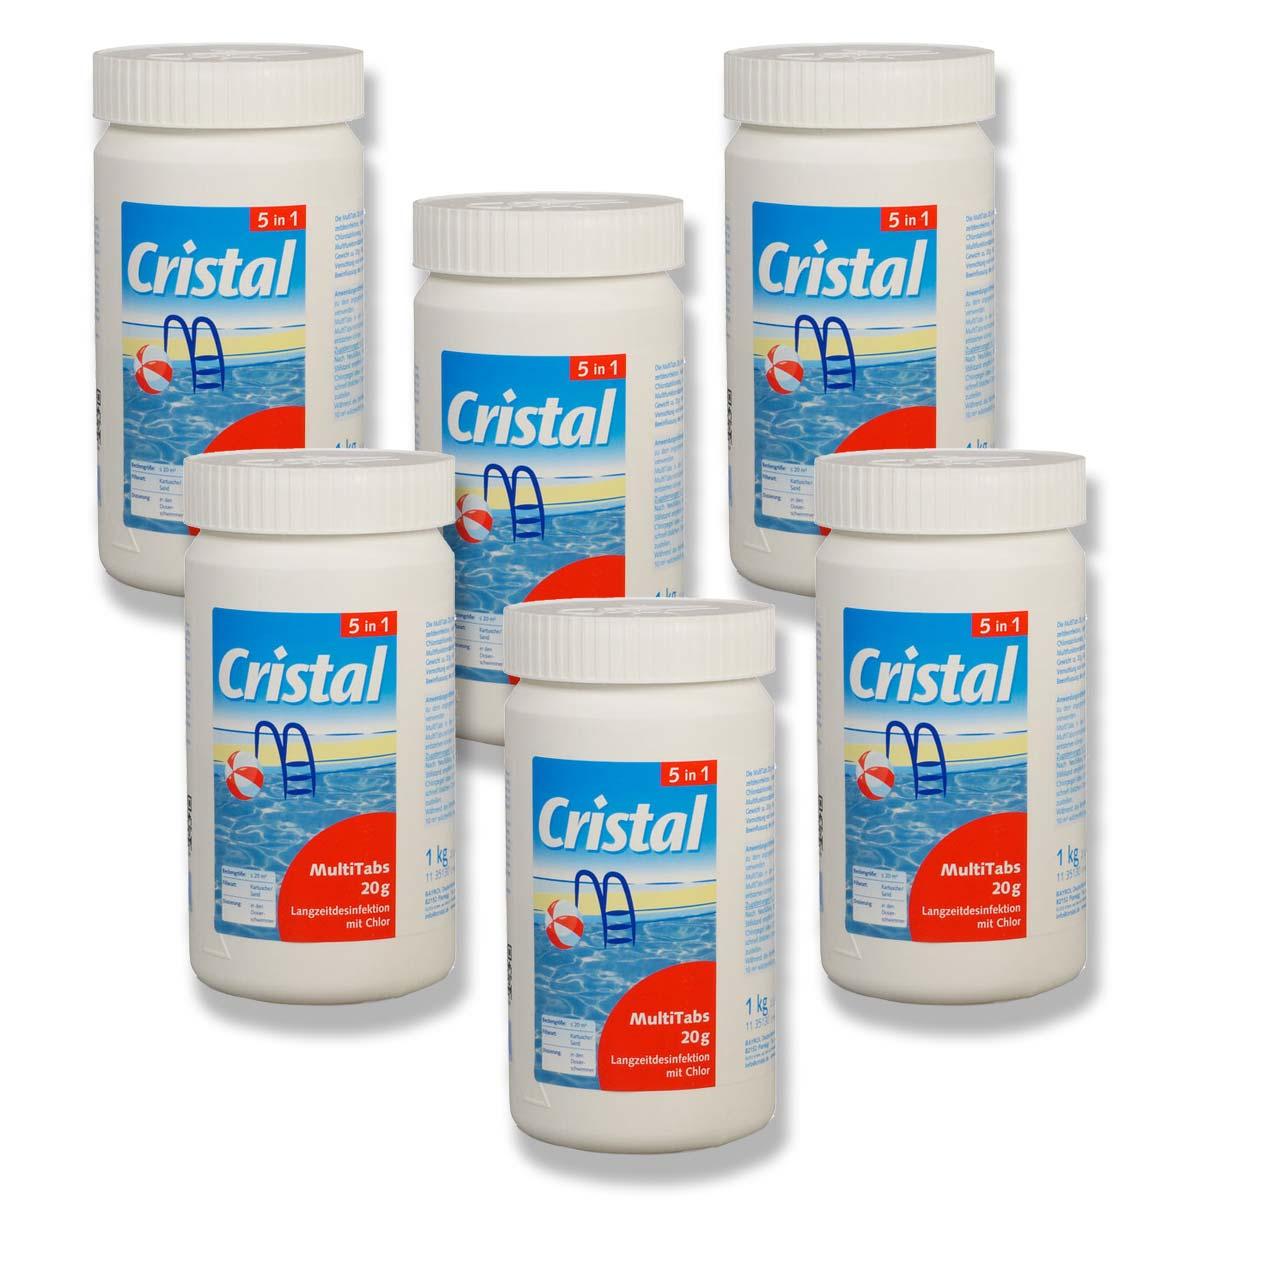 Cristal MultiTabs 5-in-1 á 20g (1 kg) 6er Set